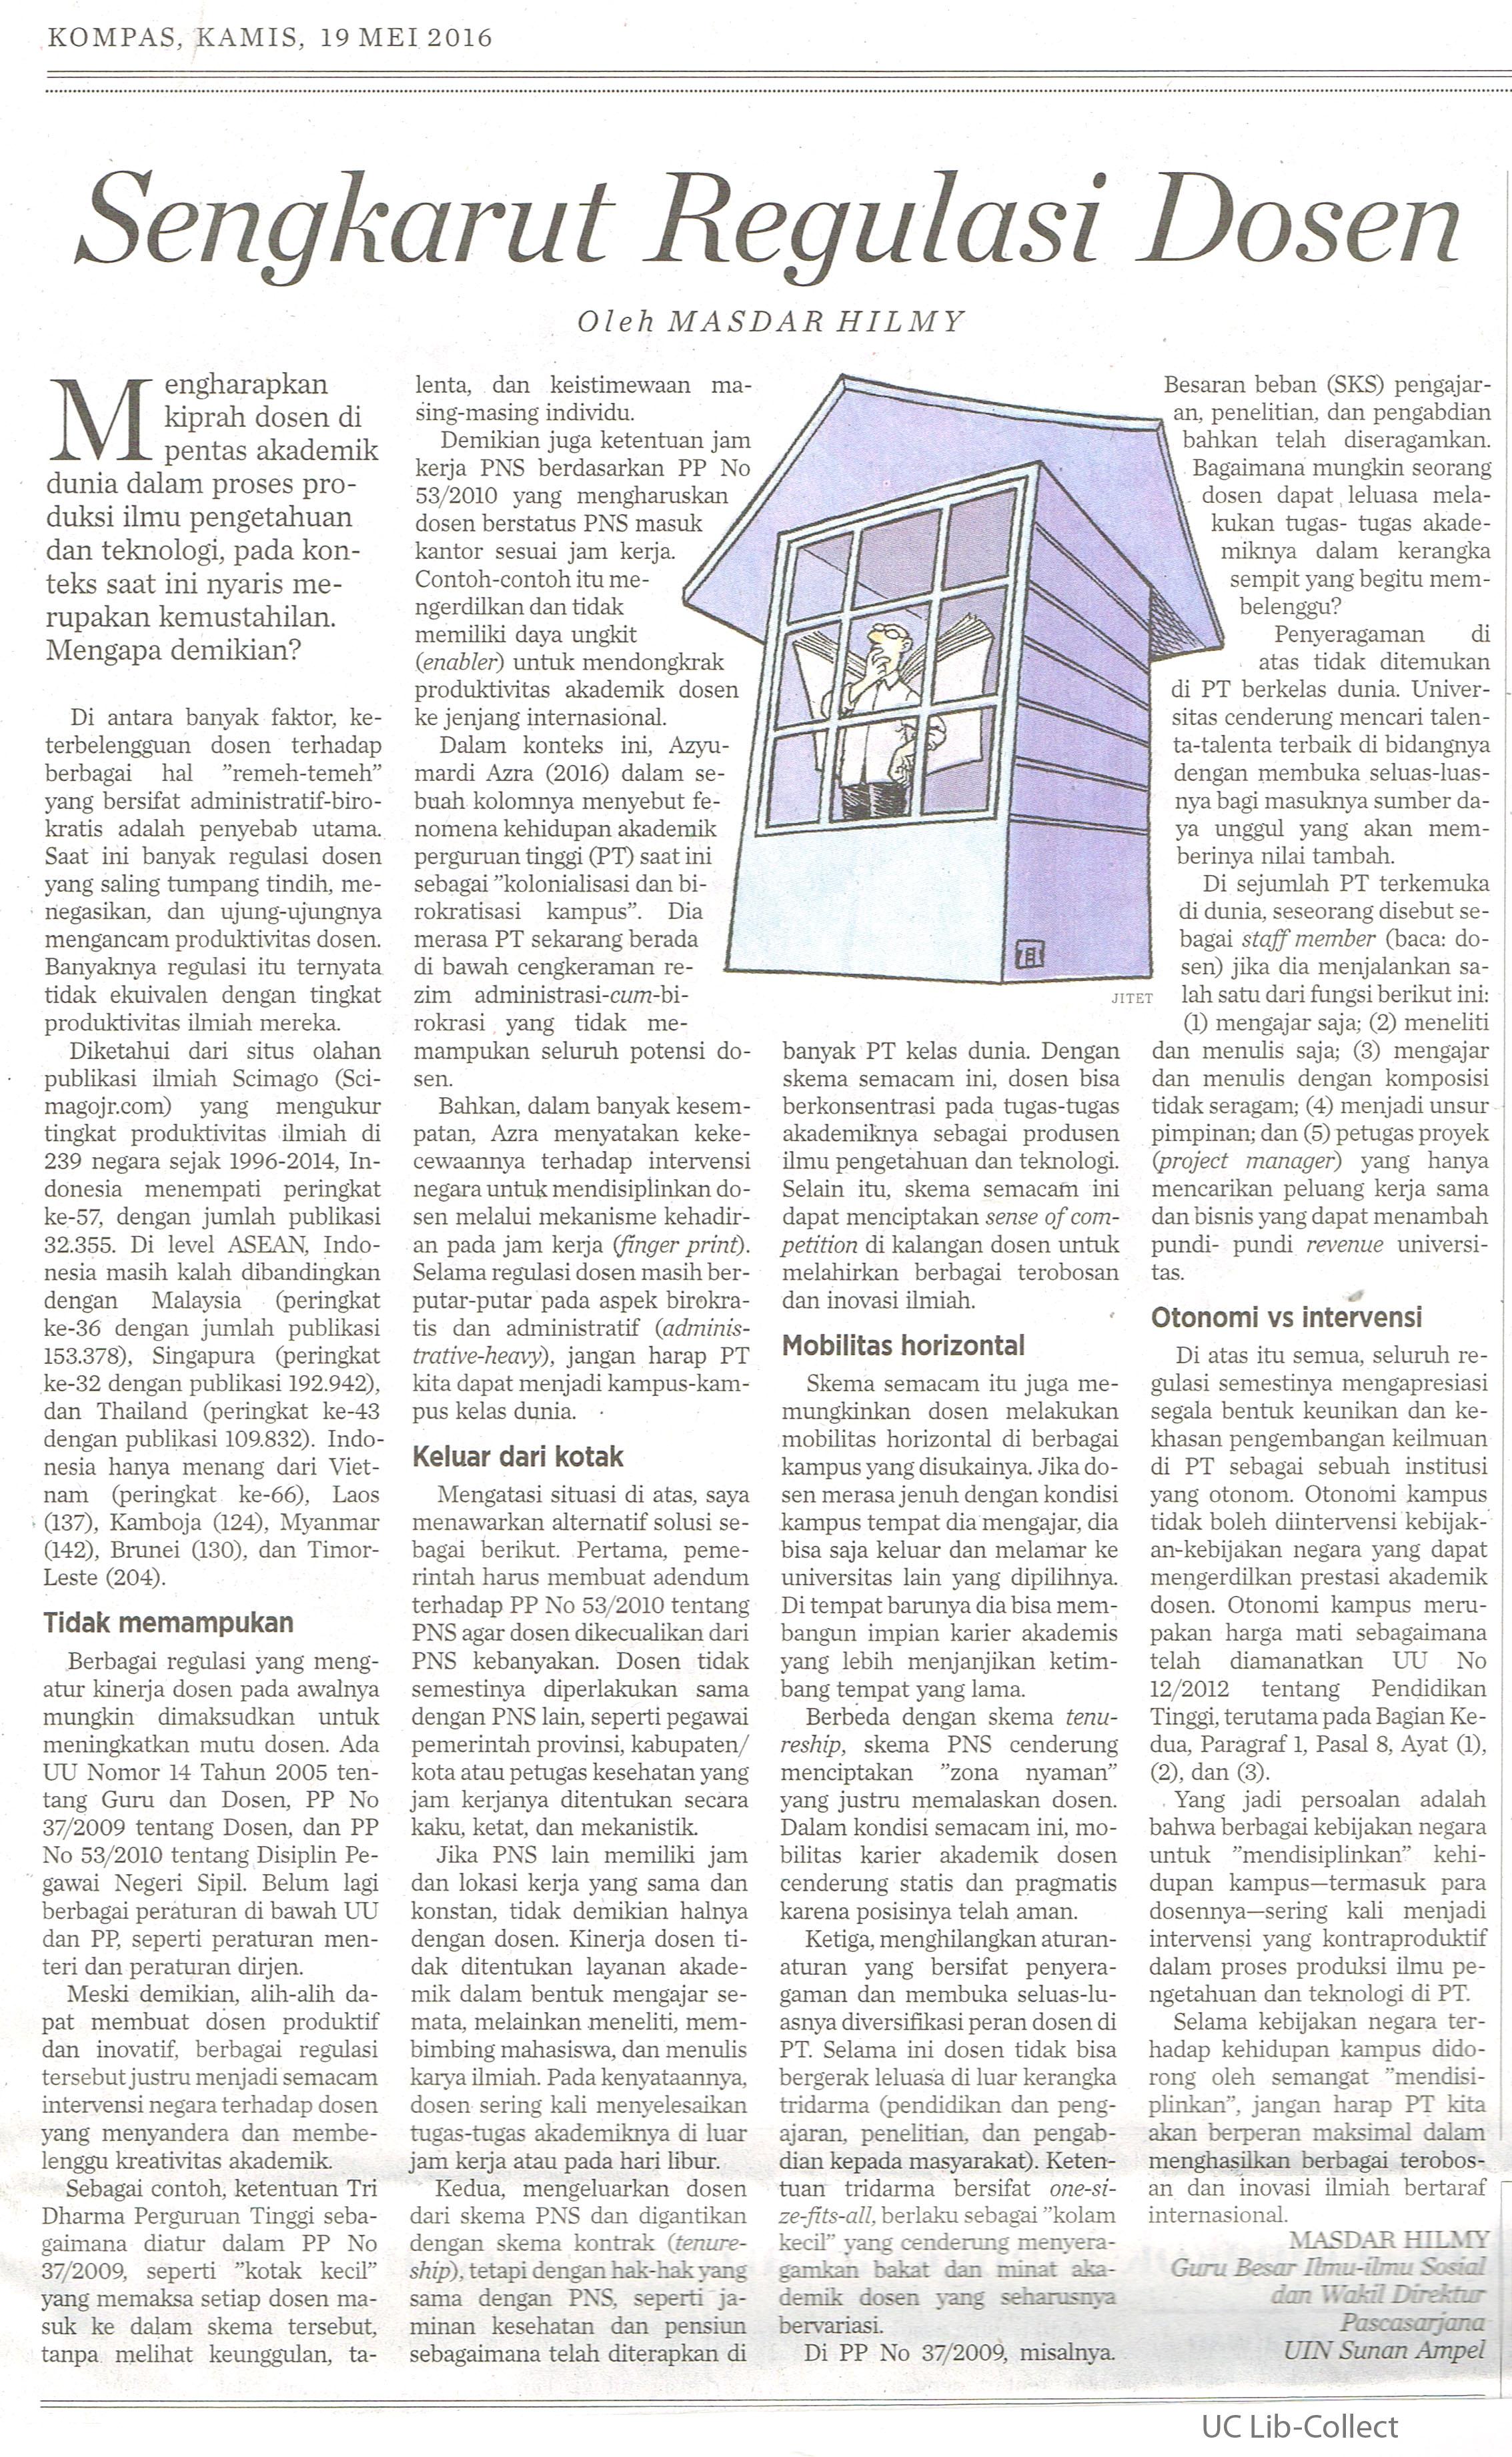 Sengkarut Regulasi Dosen. Kompas.19 Mei 2016. Hal.7